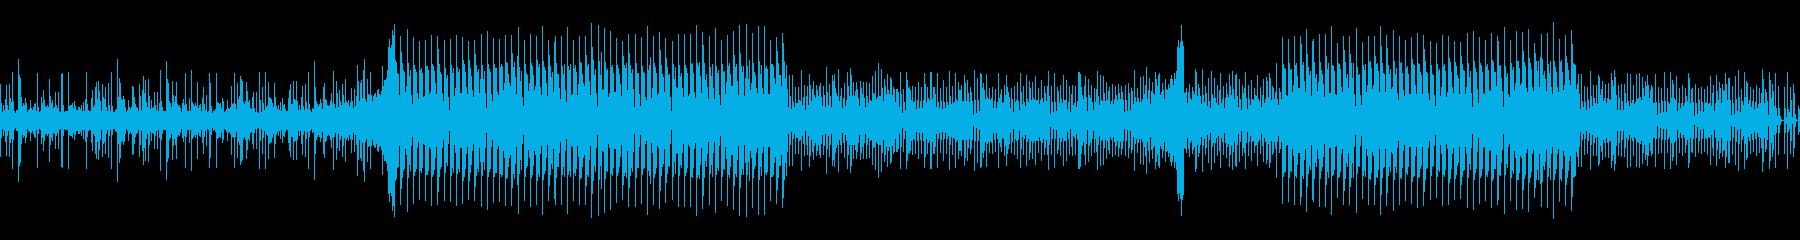 サスペンス調の疑念系BGMの再生済みの波形